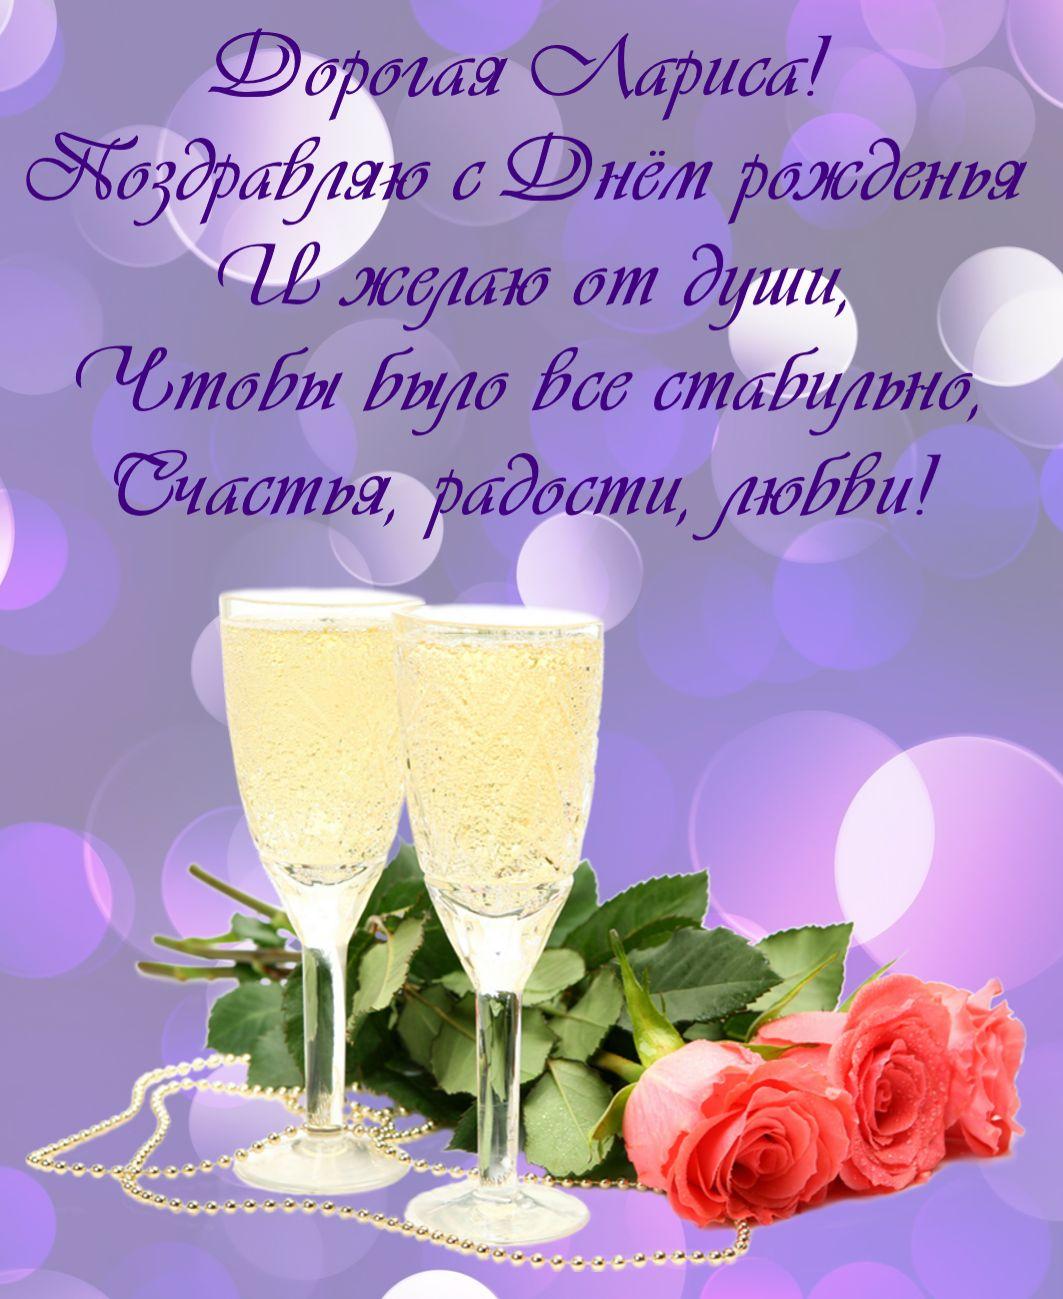 открытка на День рождения Ларисе - пожелание и розы на сияющем фоне